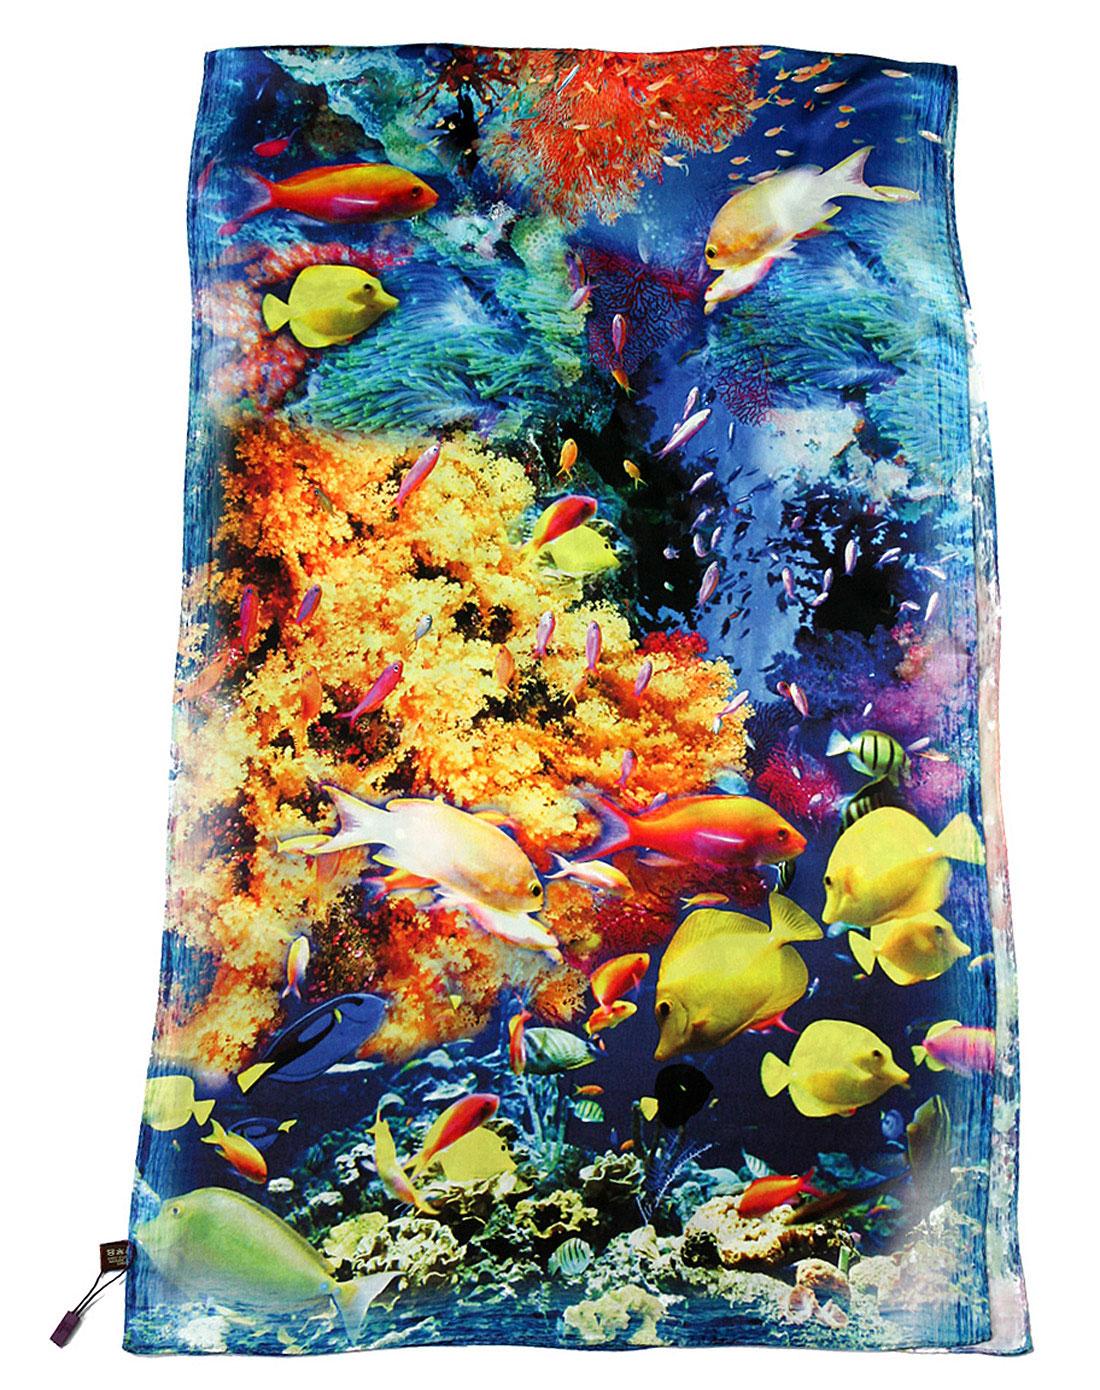 珊瑚海加长手绘珊瑚图案丝巾(长巾)蓝黄